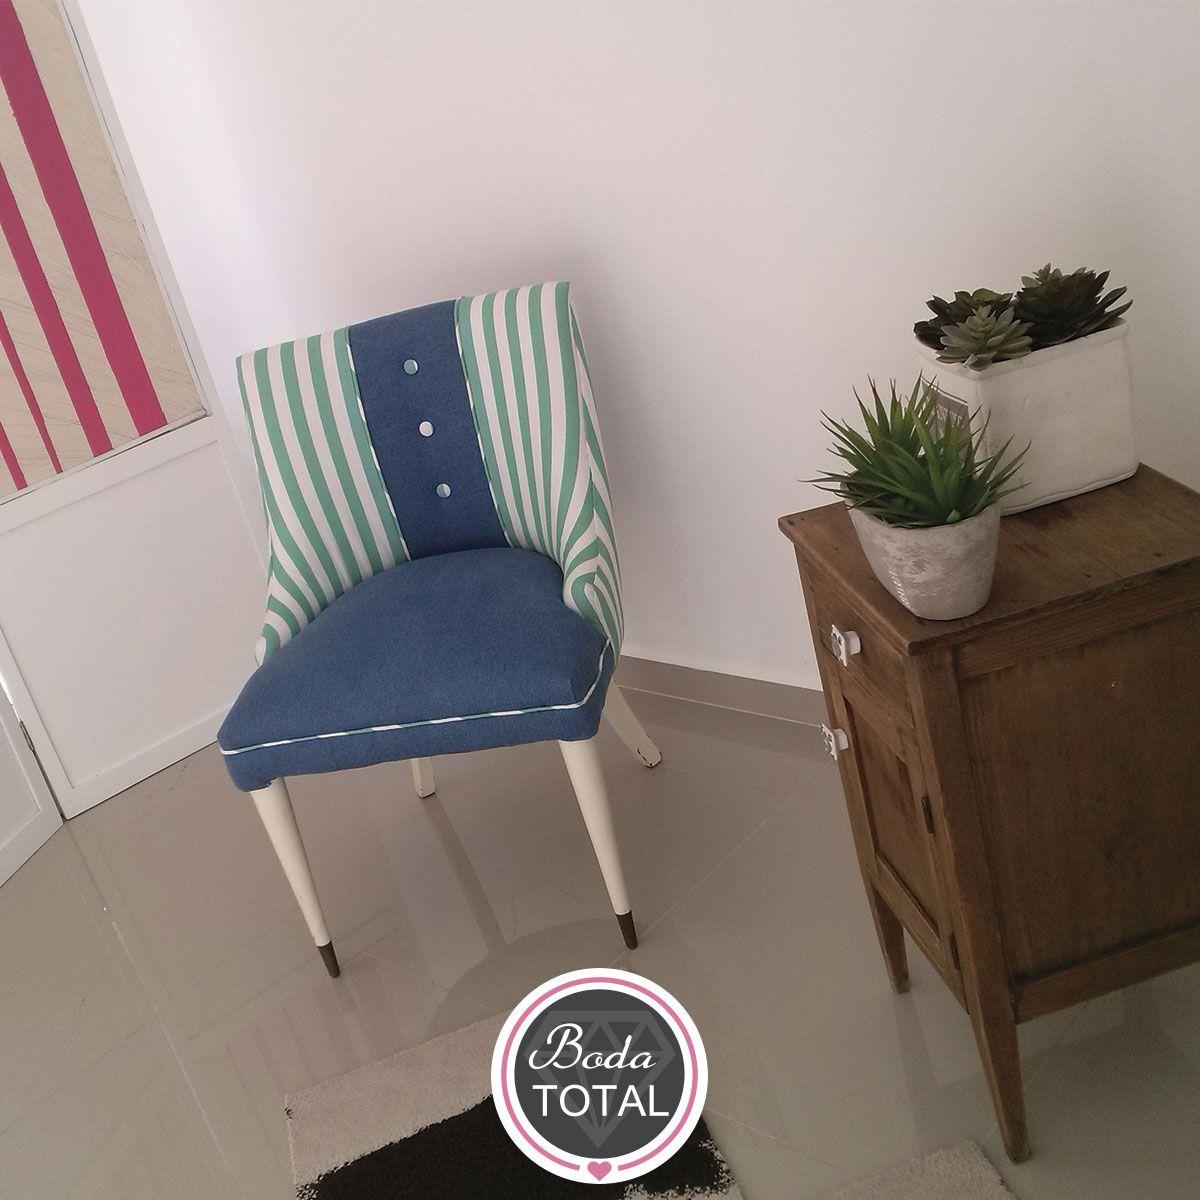 ¿Ya tienen los muebles de su nido de amor? #Cotizaya y encuentra lo mejor para tu nuevo hogar.